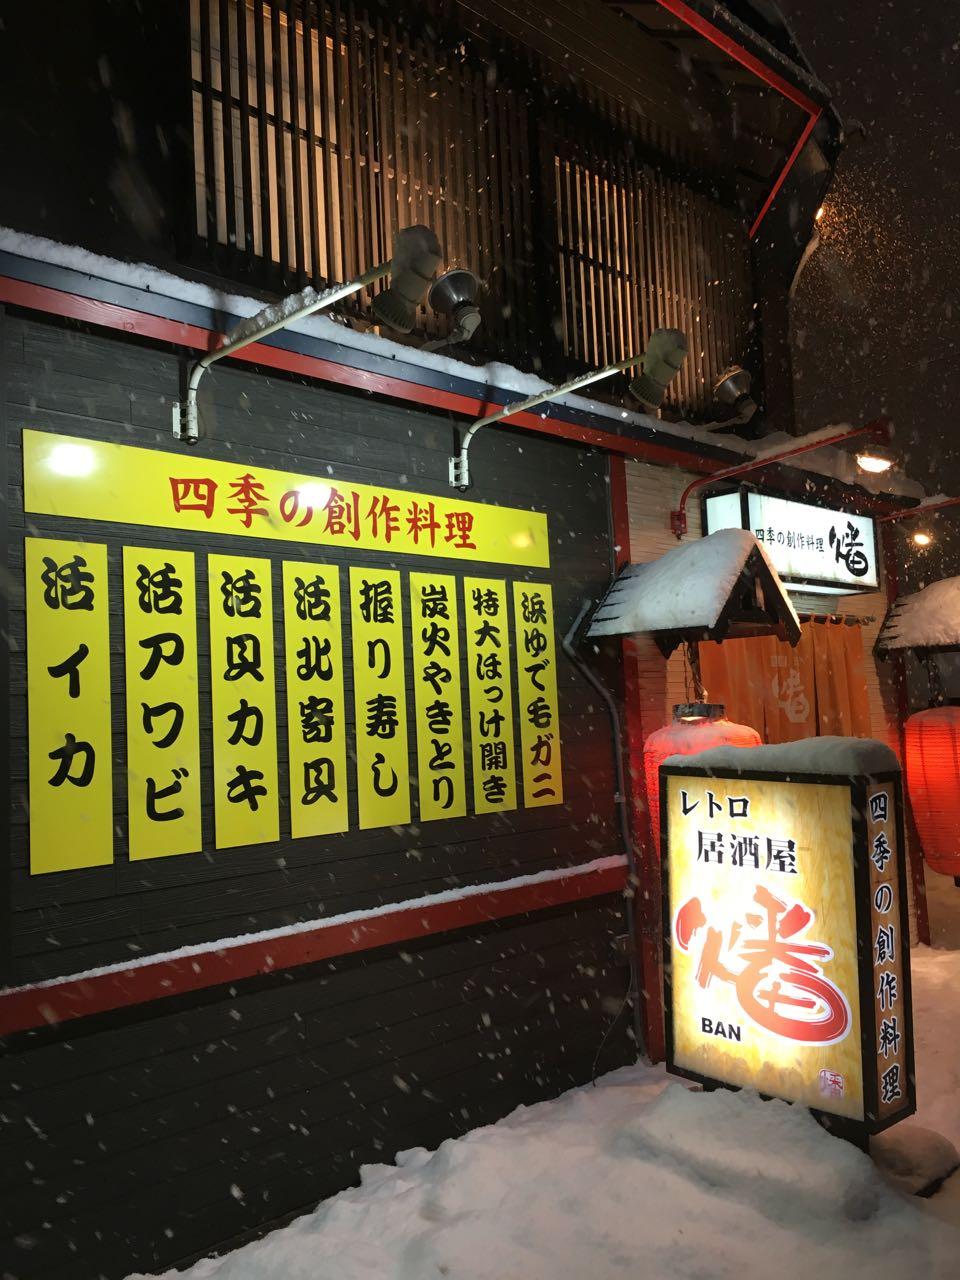 札幌駅近くの居酒屋燔(ばん)で海の幸を食べたよ!